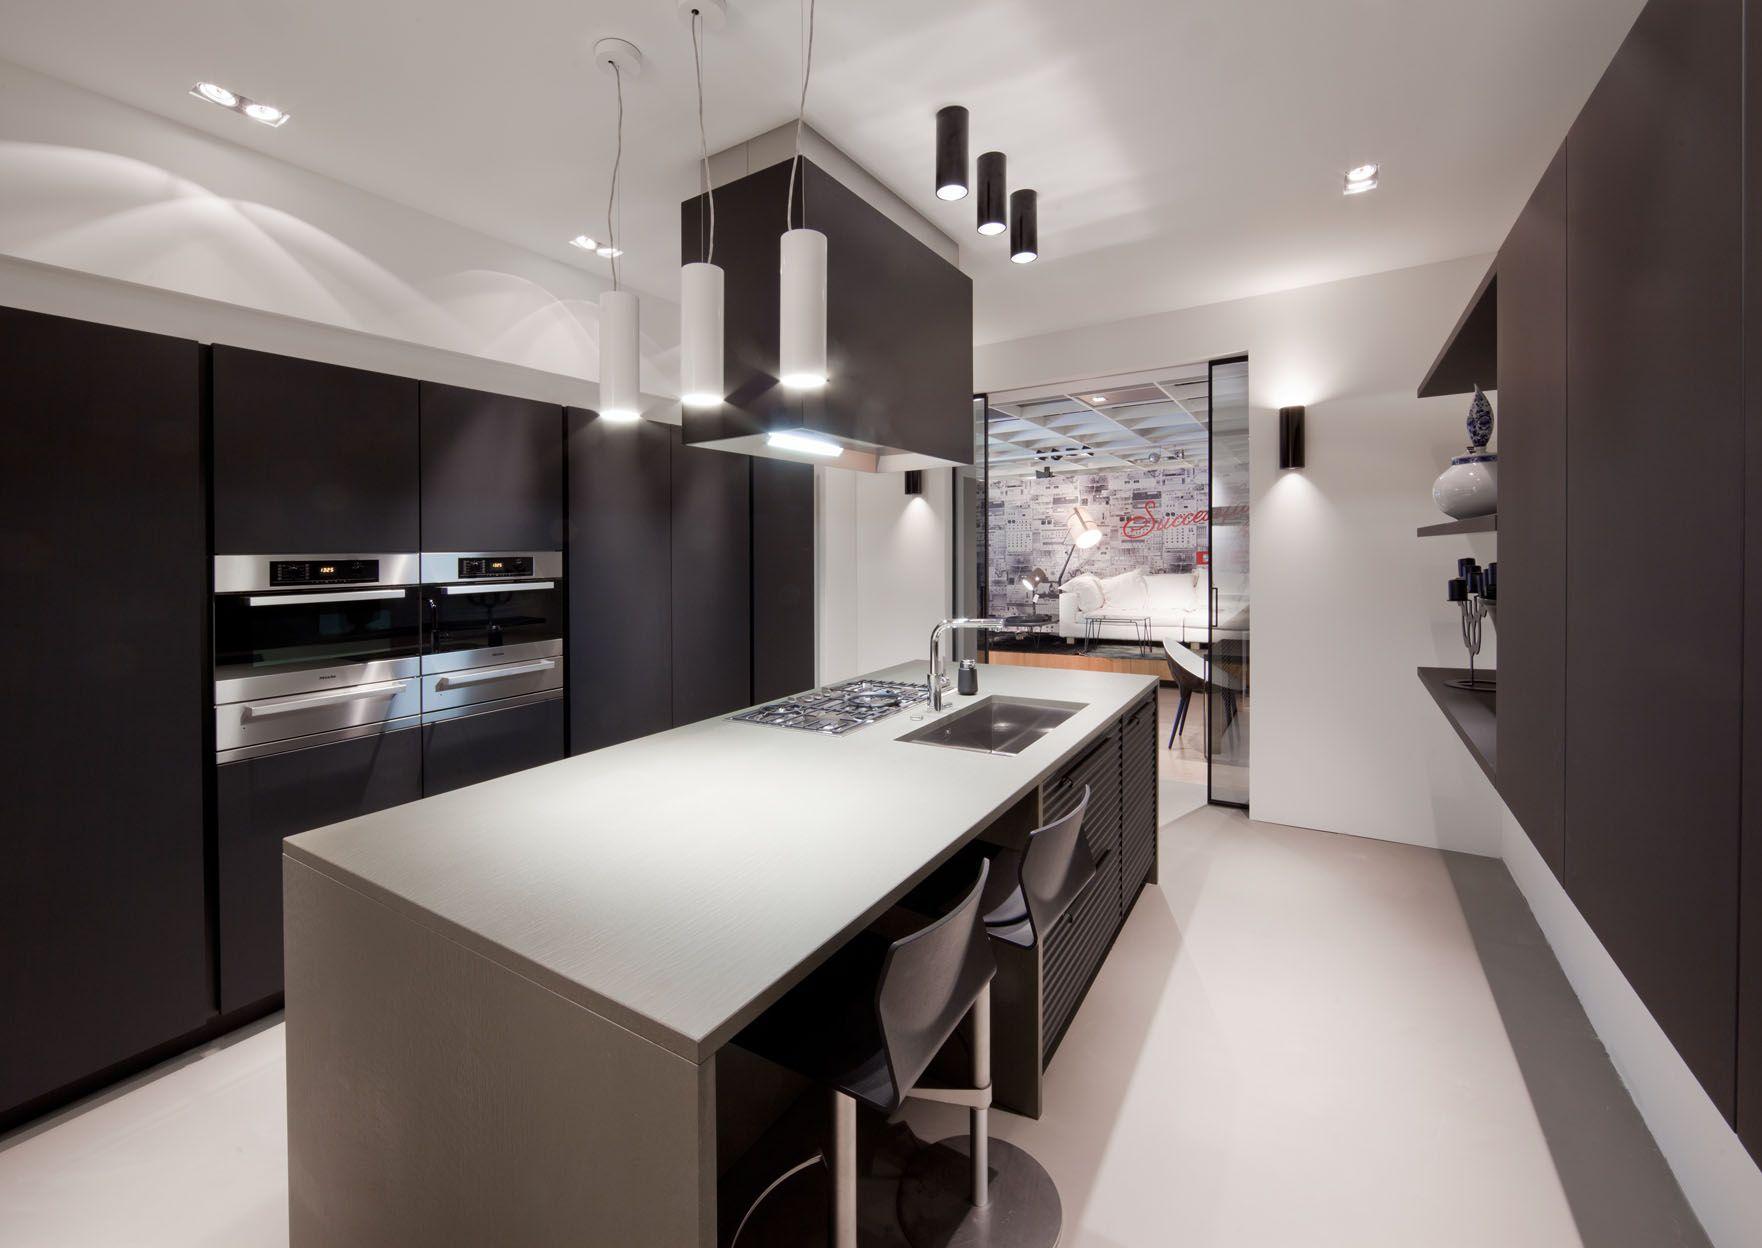 Design Keuken Showroom : Showroomkeukens alle showroomkeuken aanbiedingen uit nederland